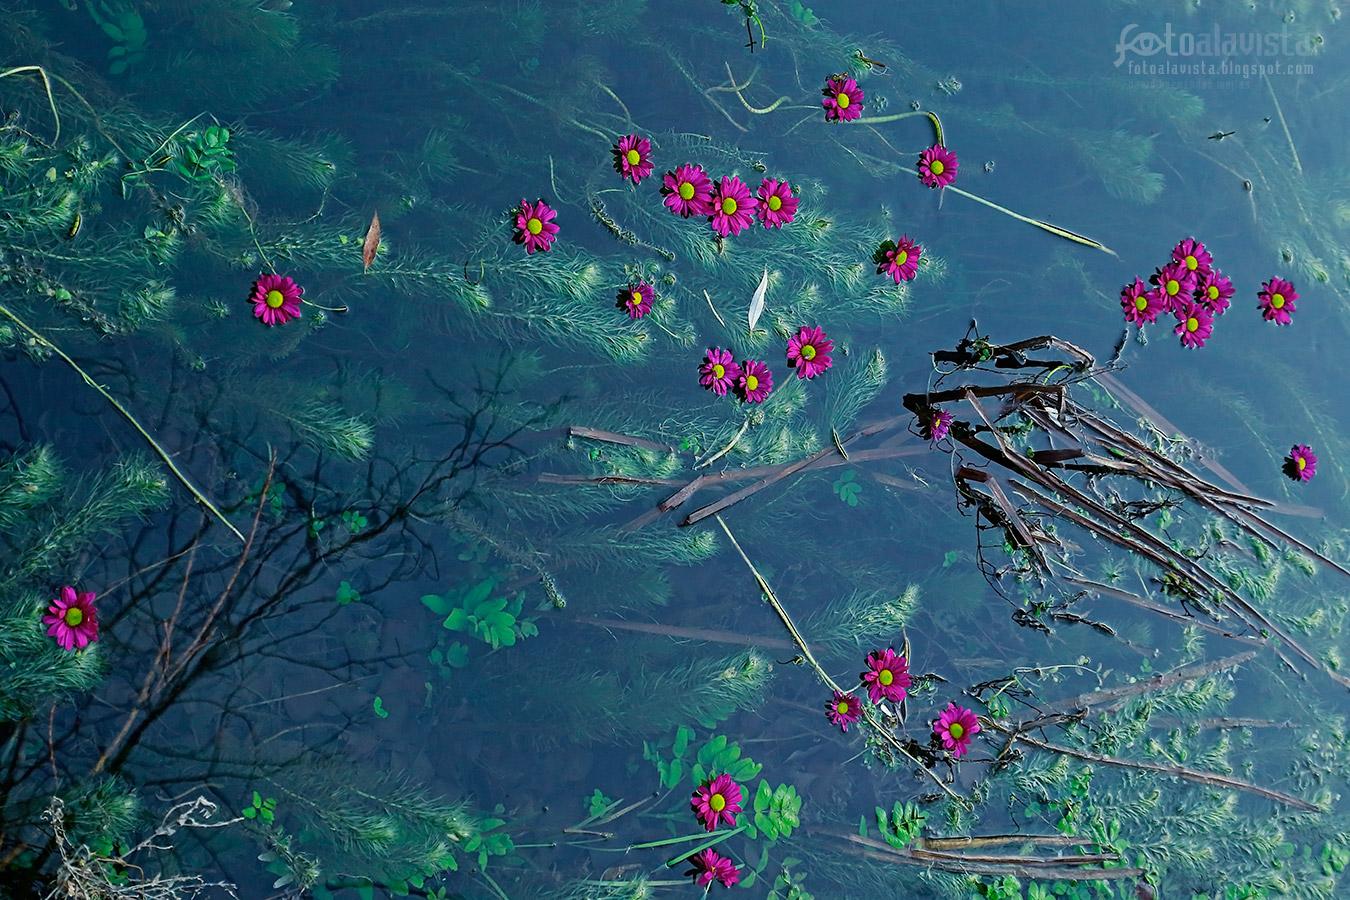 Laguna con flores Prerrafaelita - Fotografía